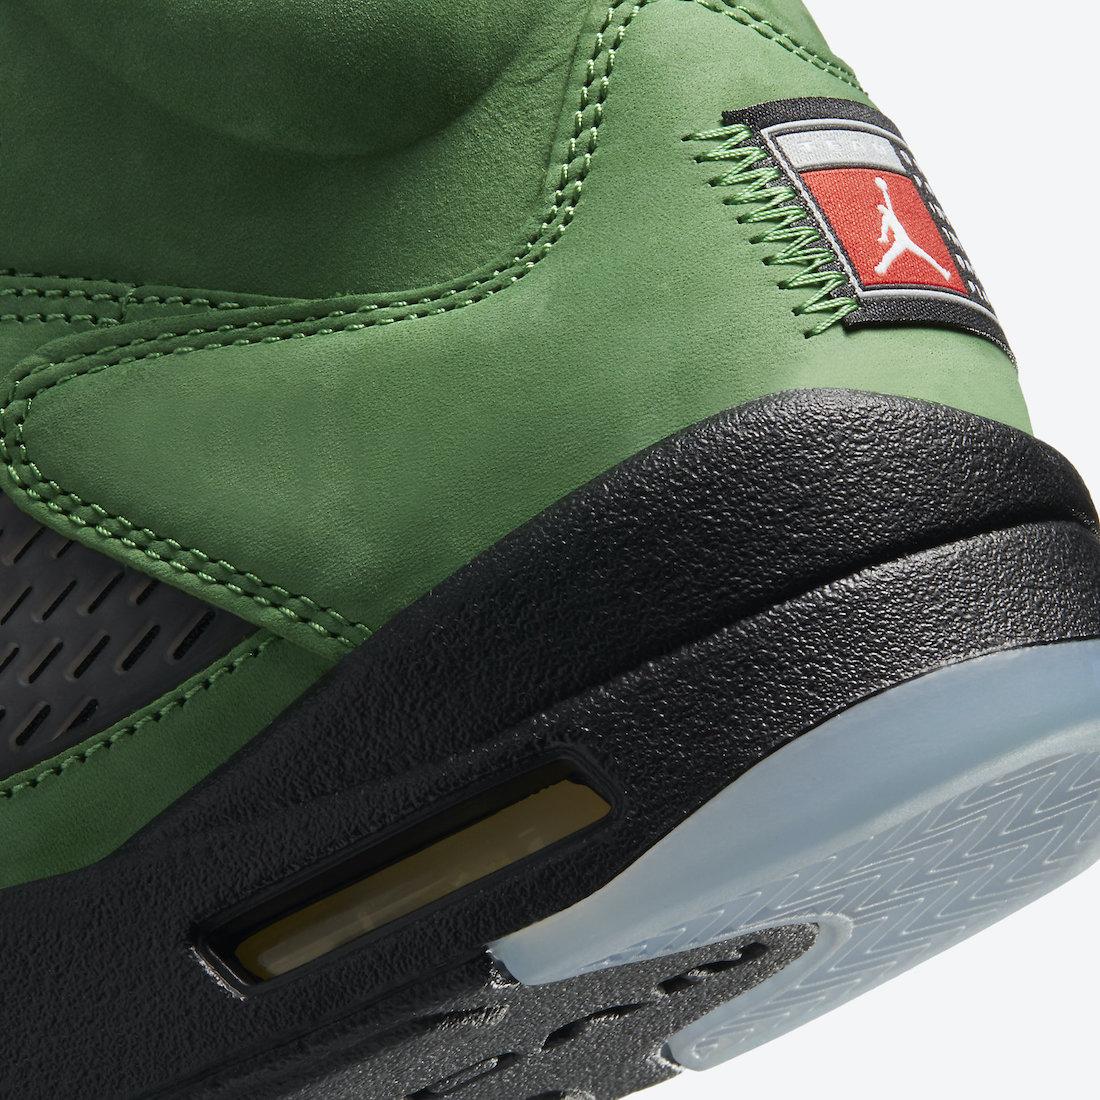 Air Jordan 5 Retro SE Oregon Ducks